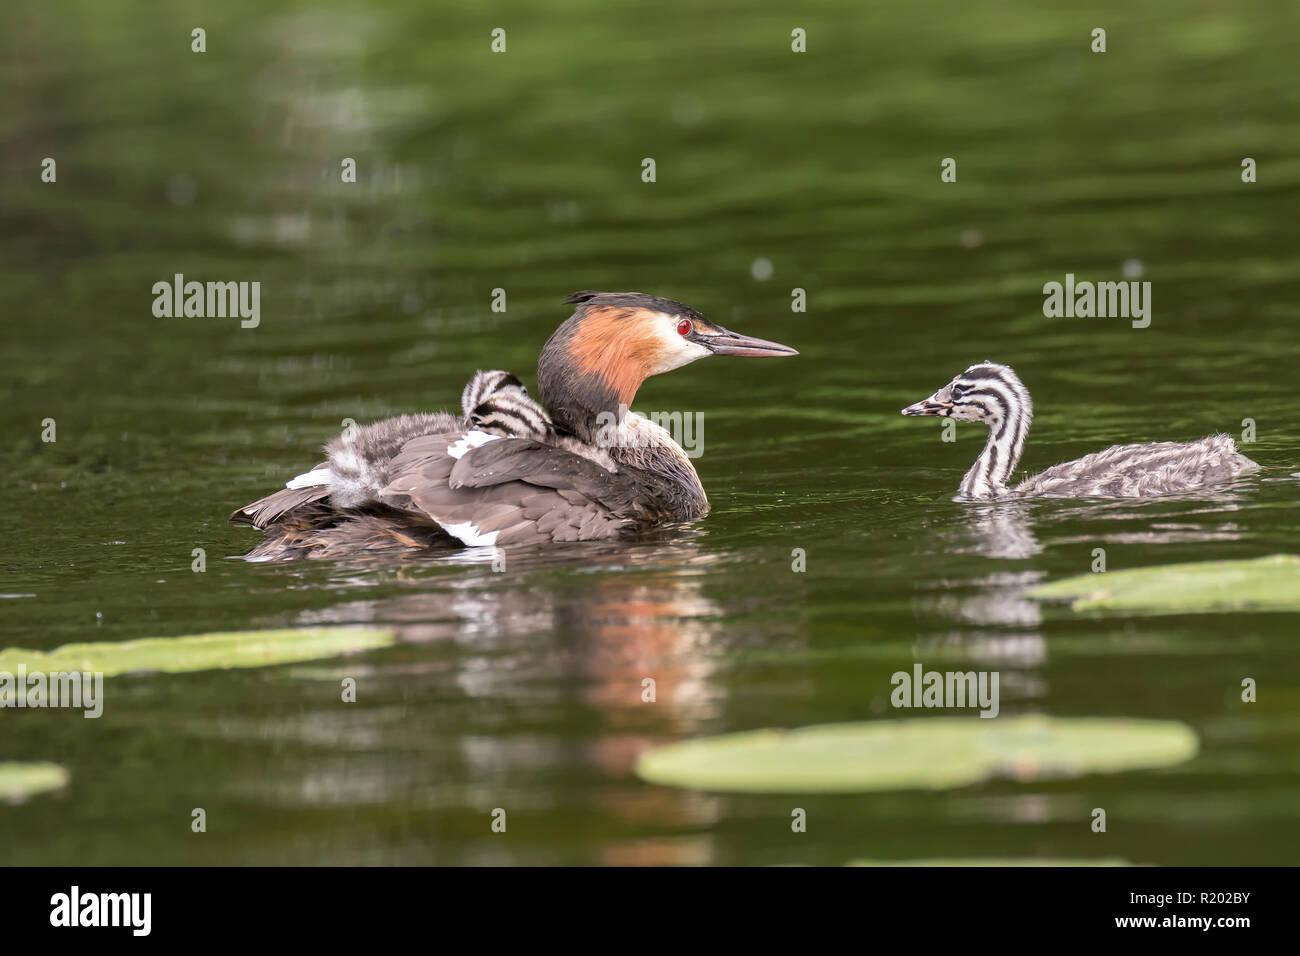 Grèbe huppé (Podiceps cristatus). Piscine pour adultes avec chick à l'arrière, une autre réunion chick sur un étang. L'Allemagne. Photo Stock